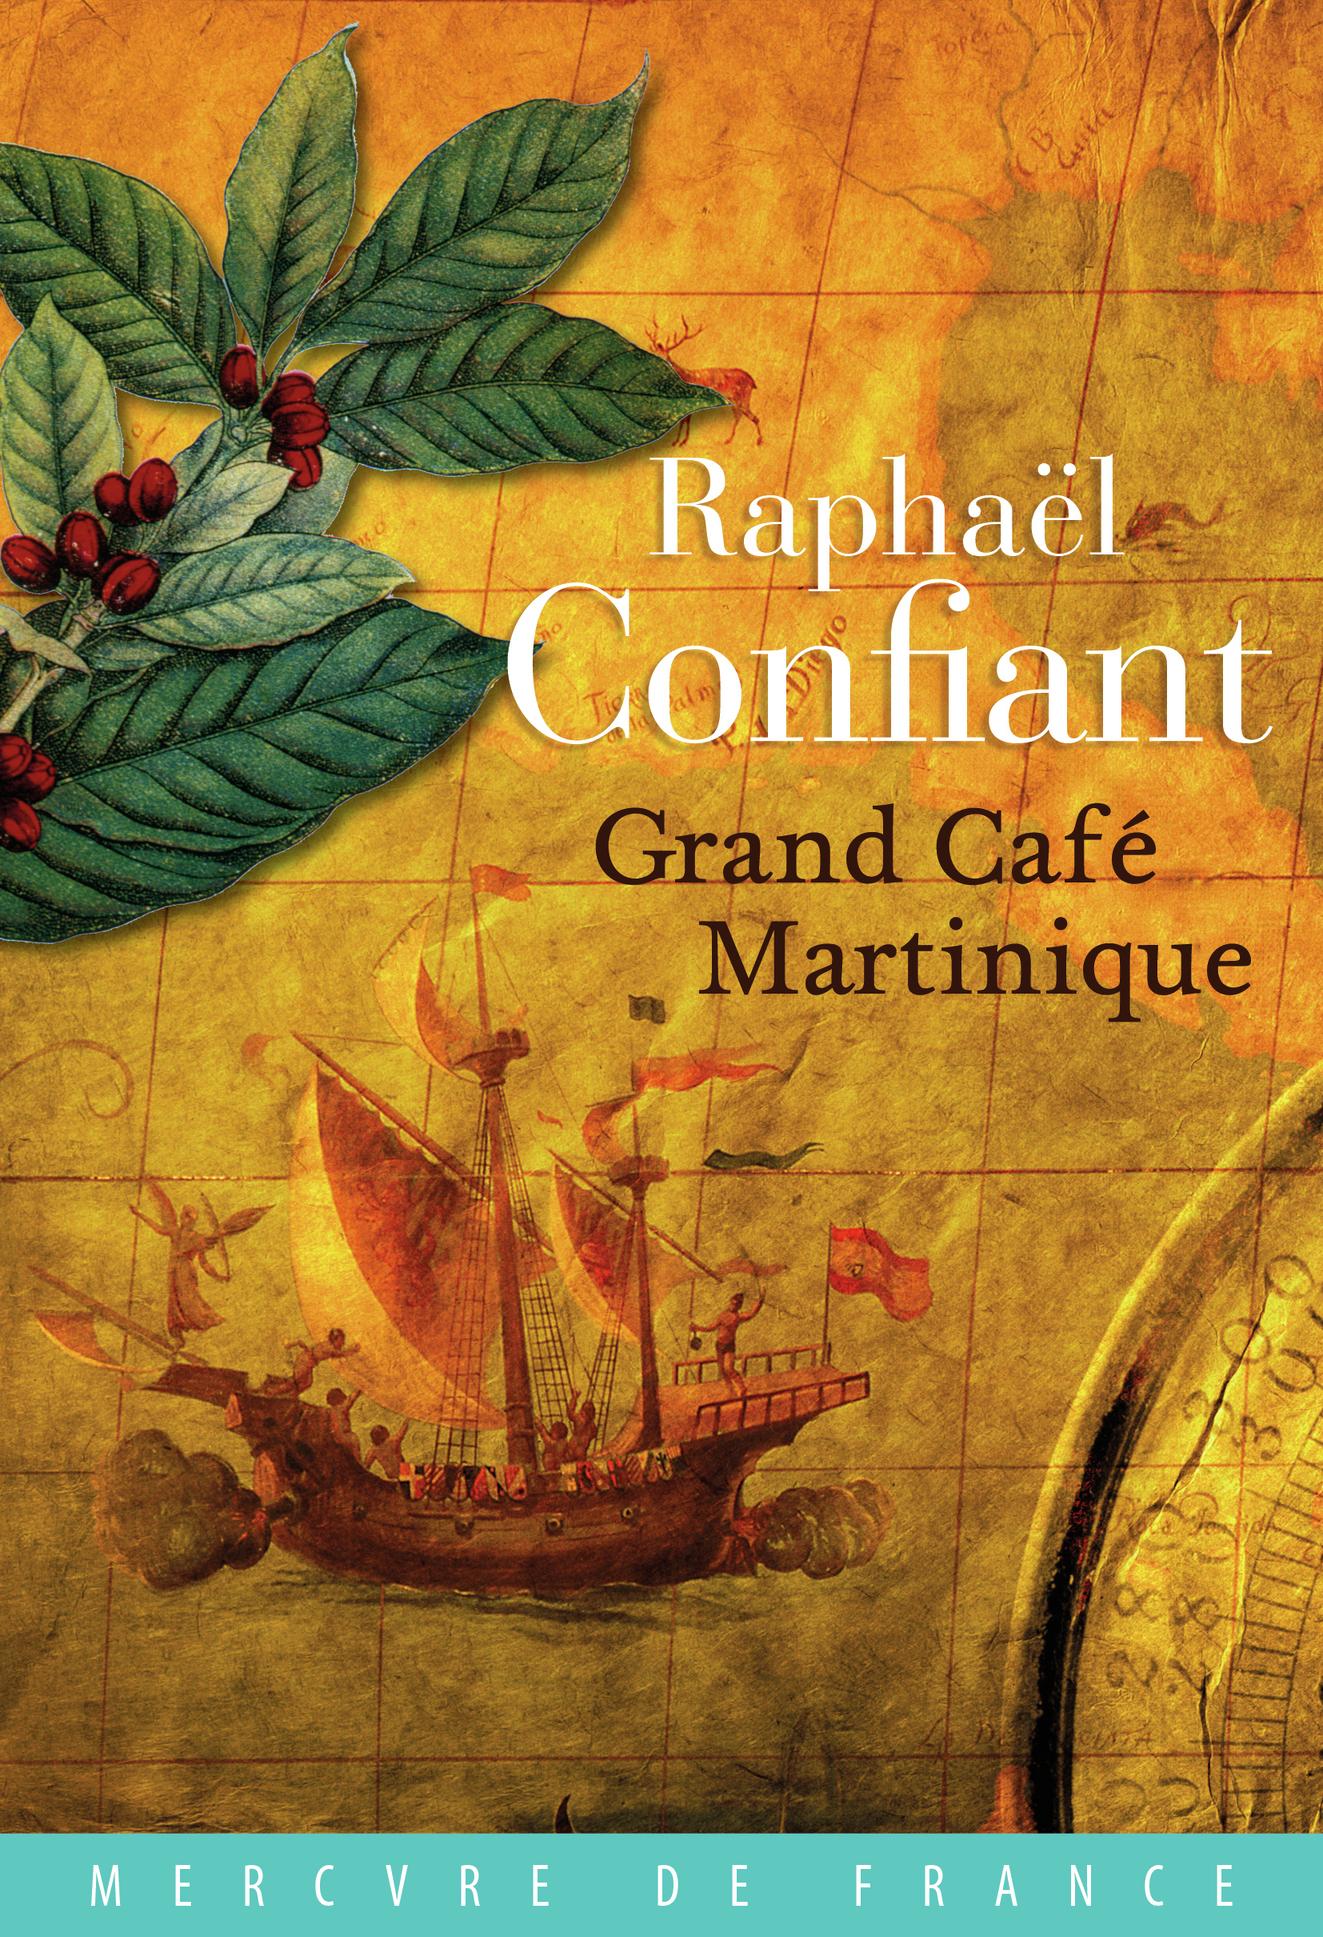 GRAND CAFE MARTINIQUE